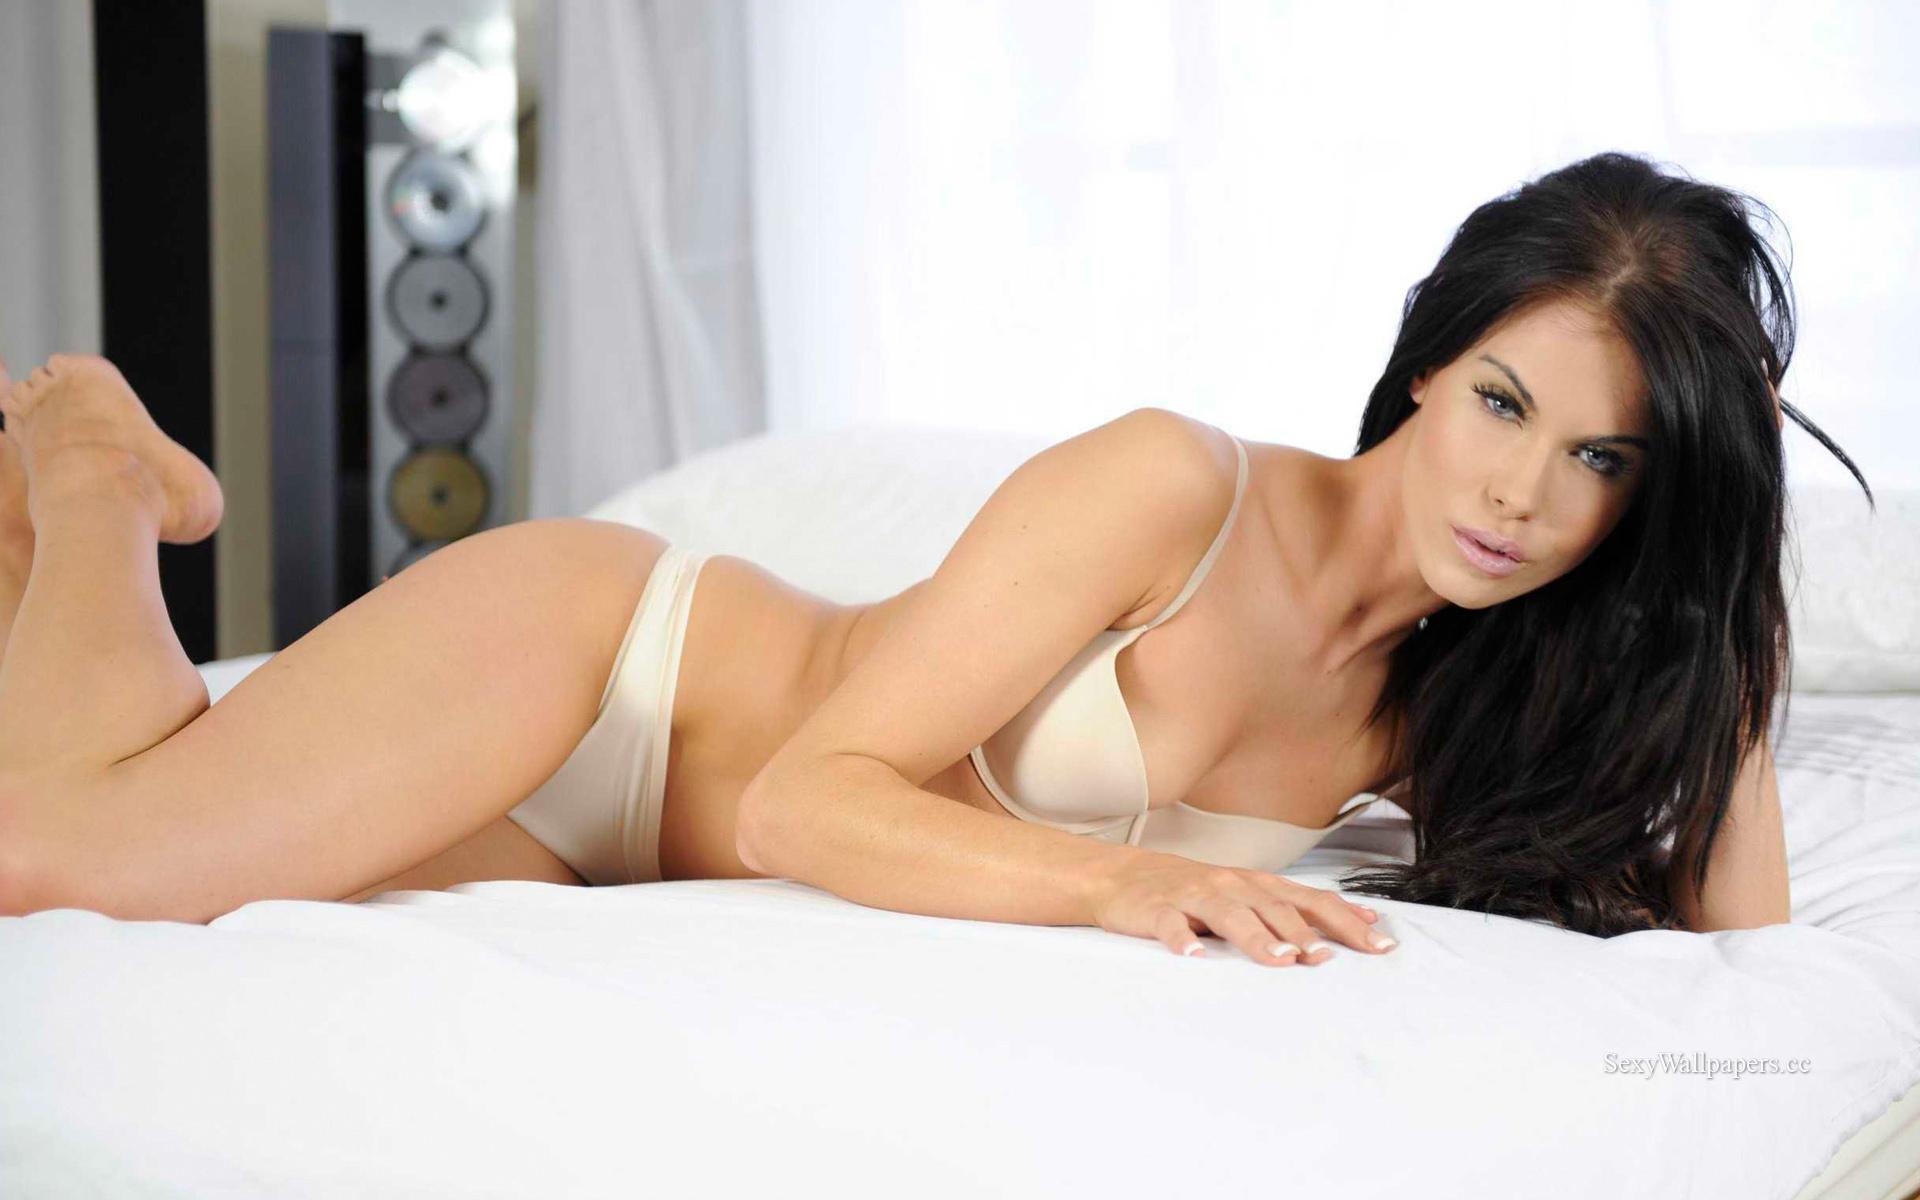 Megan Coxx sexy wallpaper 1920x1200